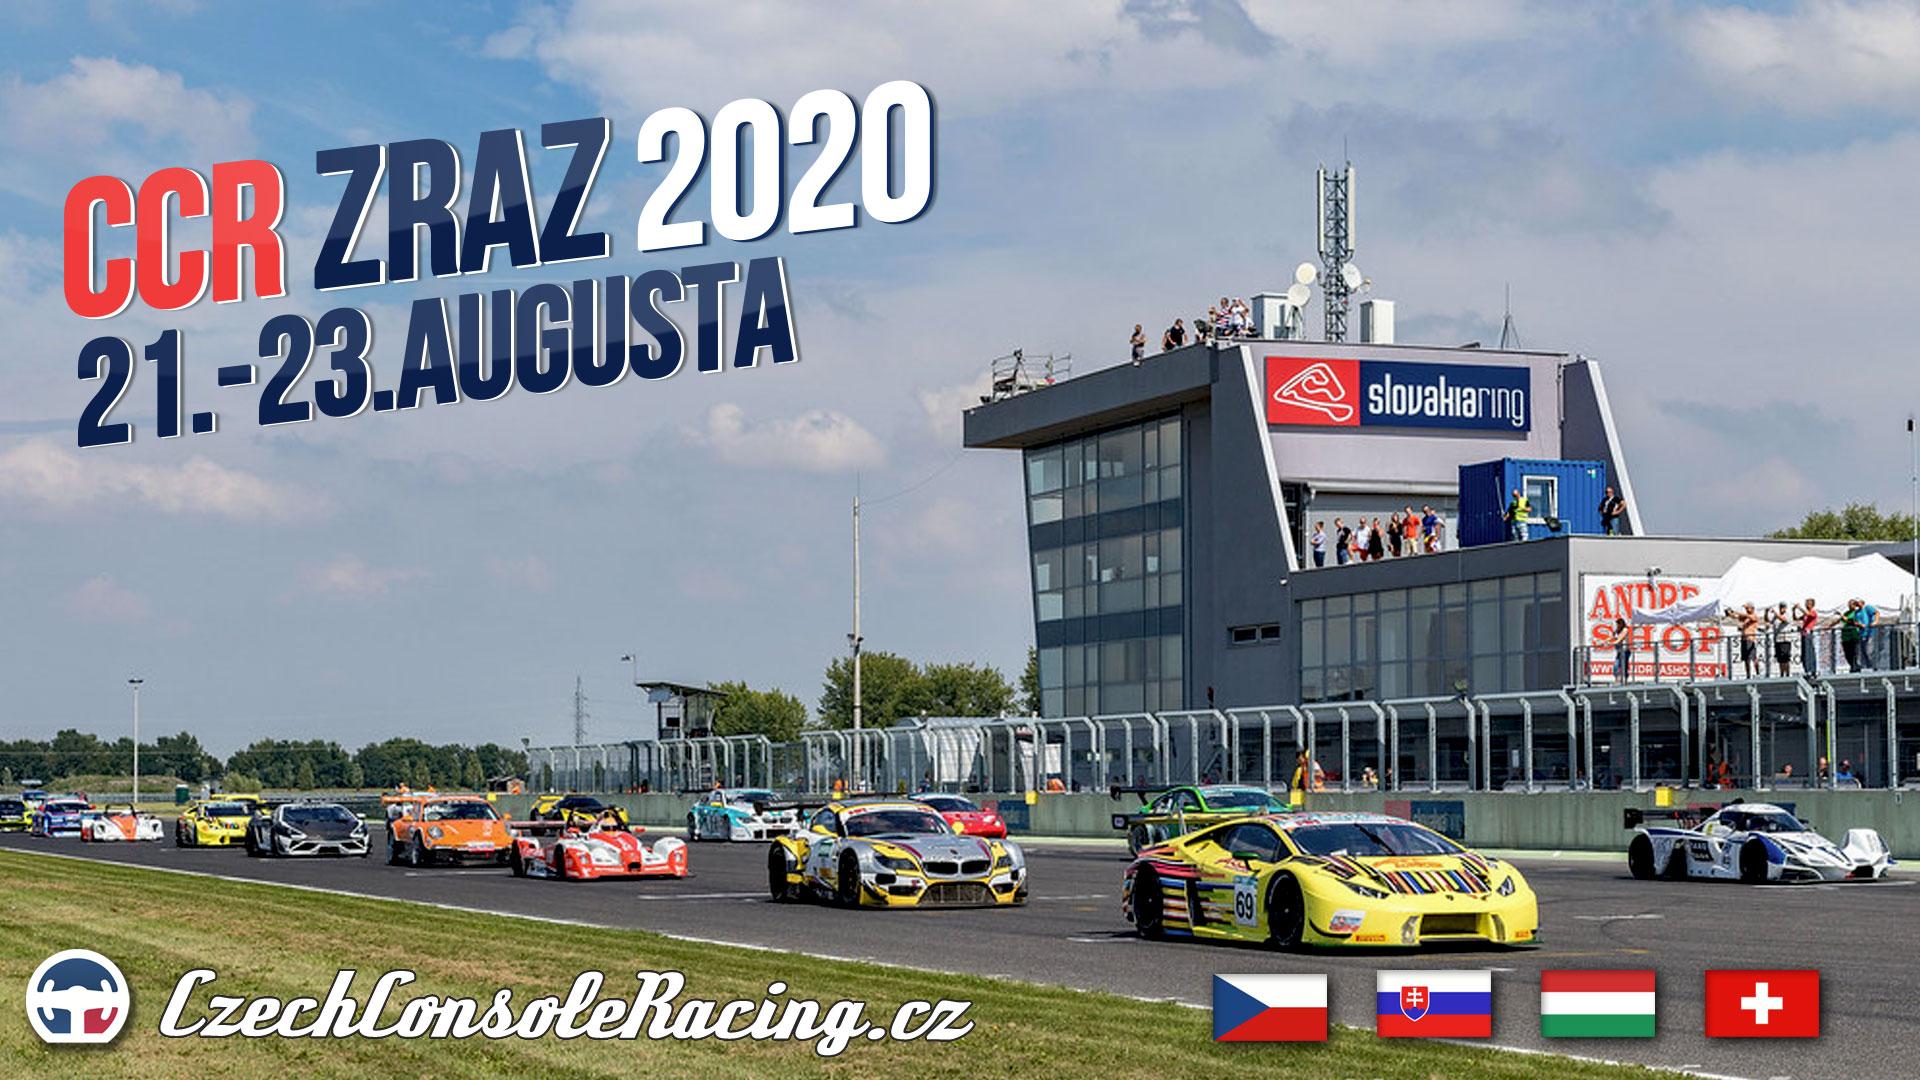 CCR zraz 2020